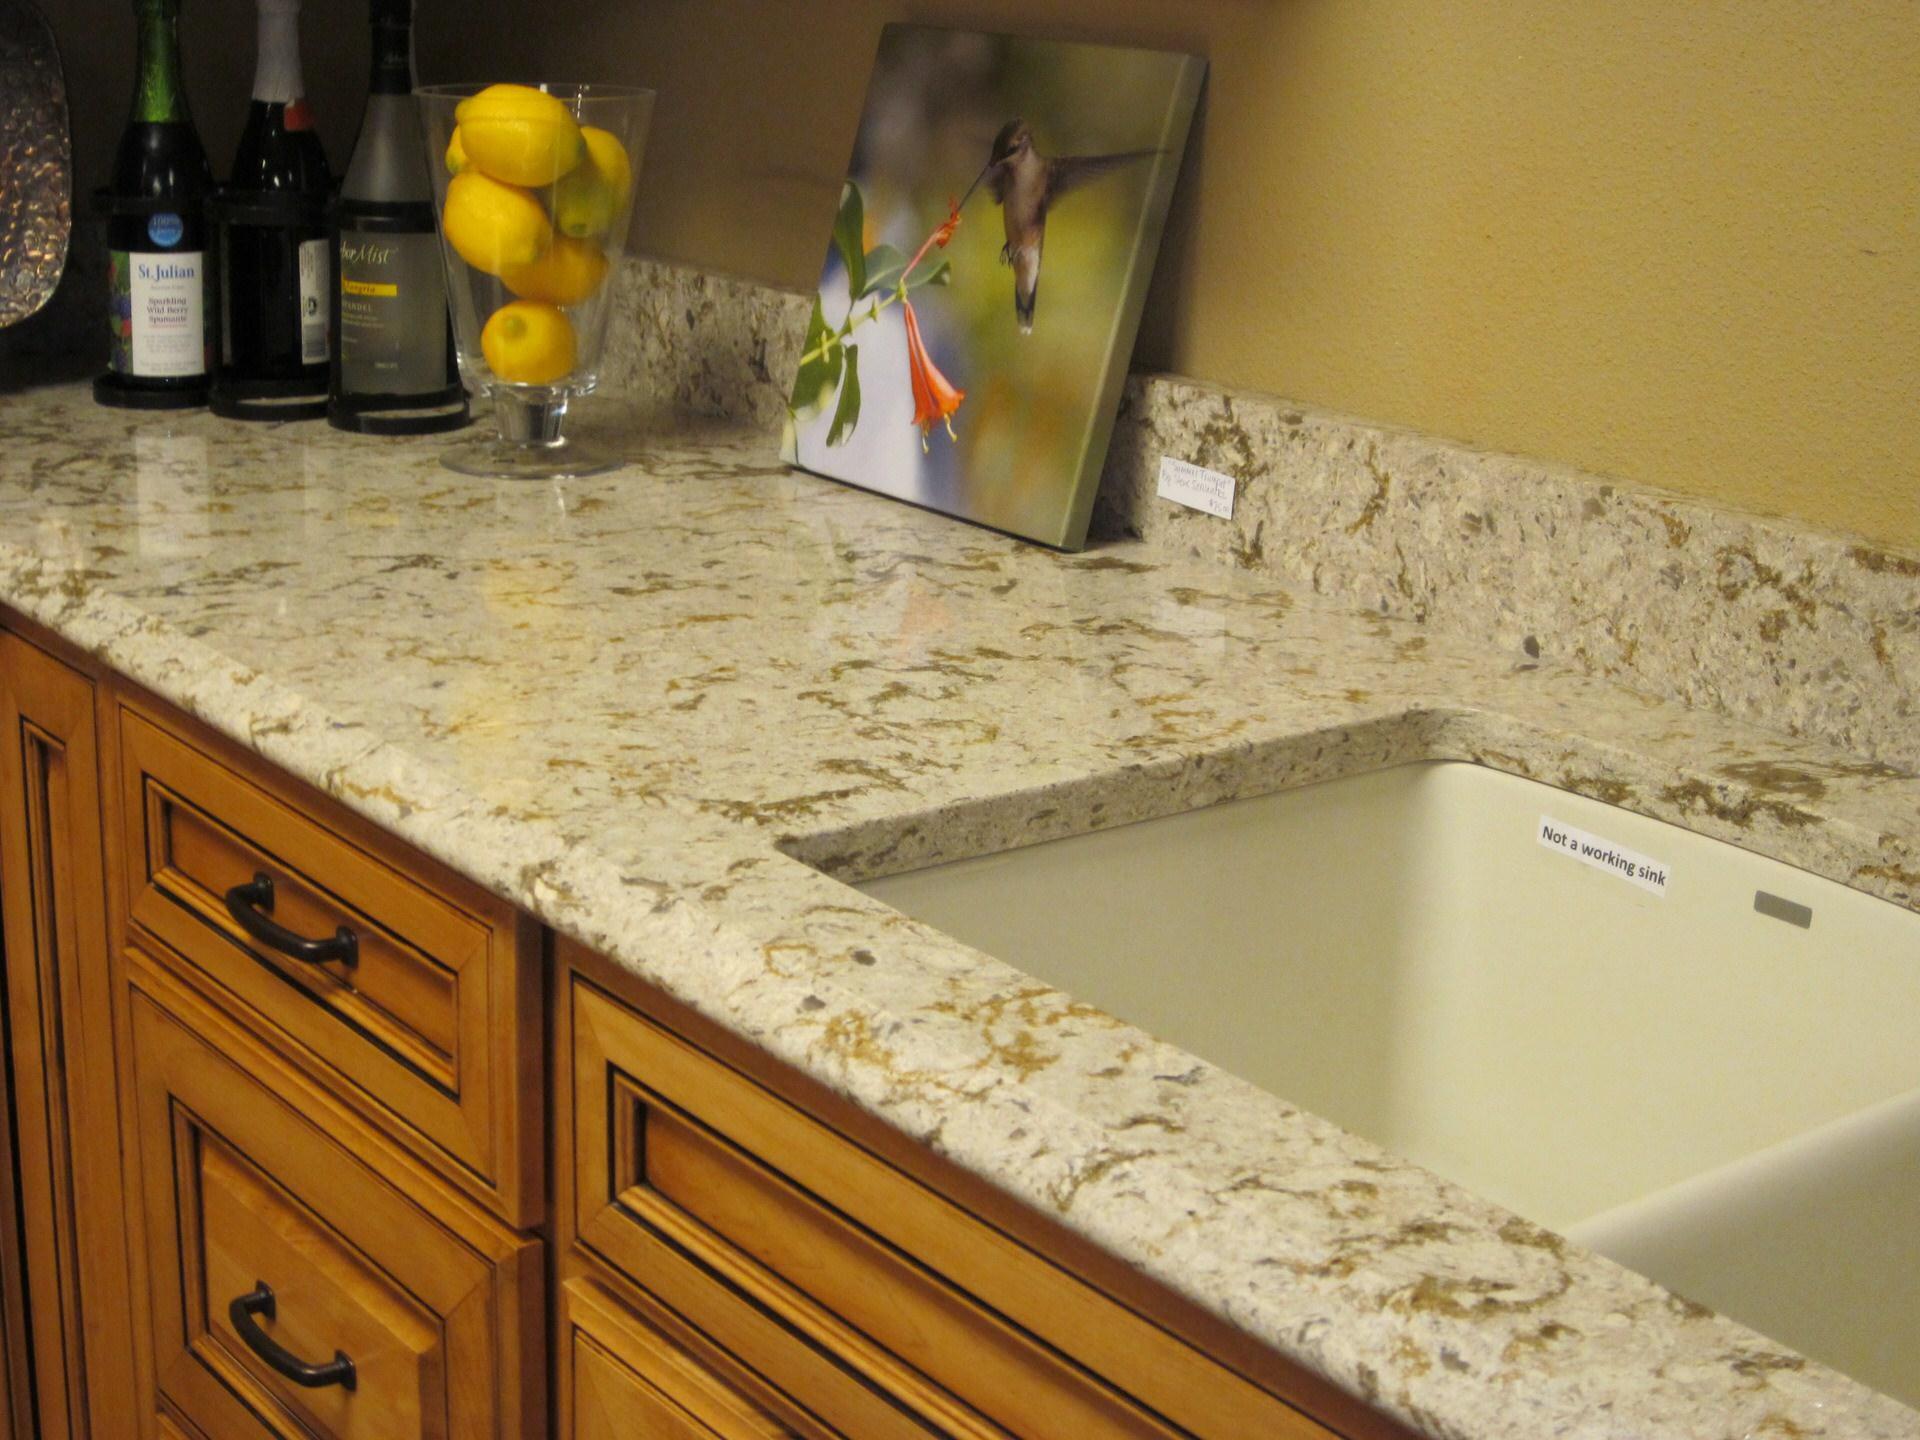 Gentil Granite Countertop · Beautiful Finish